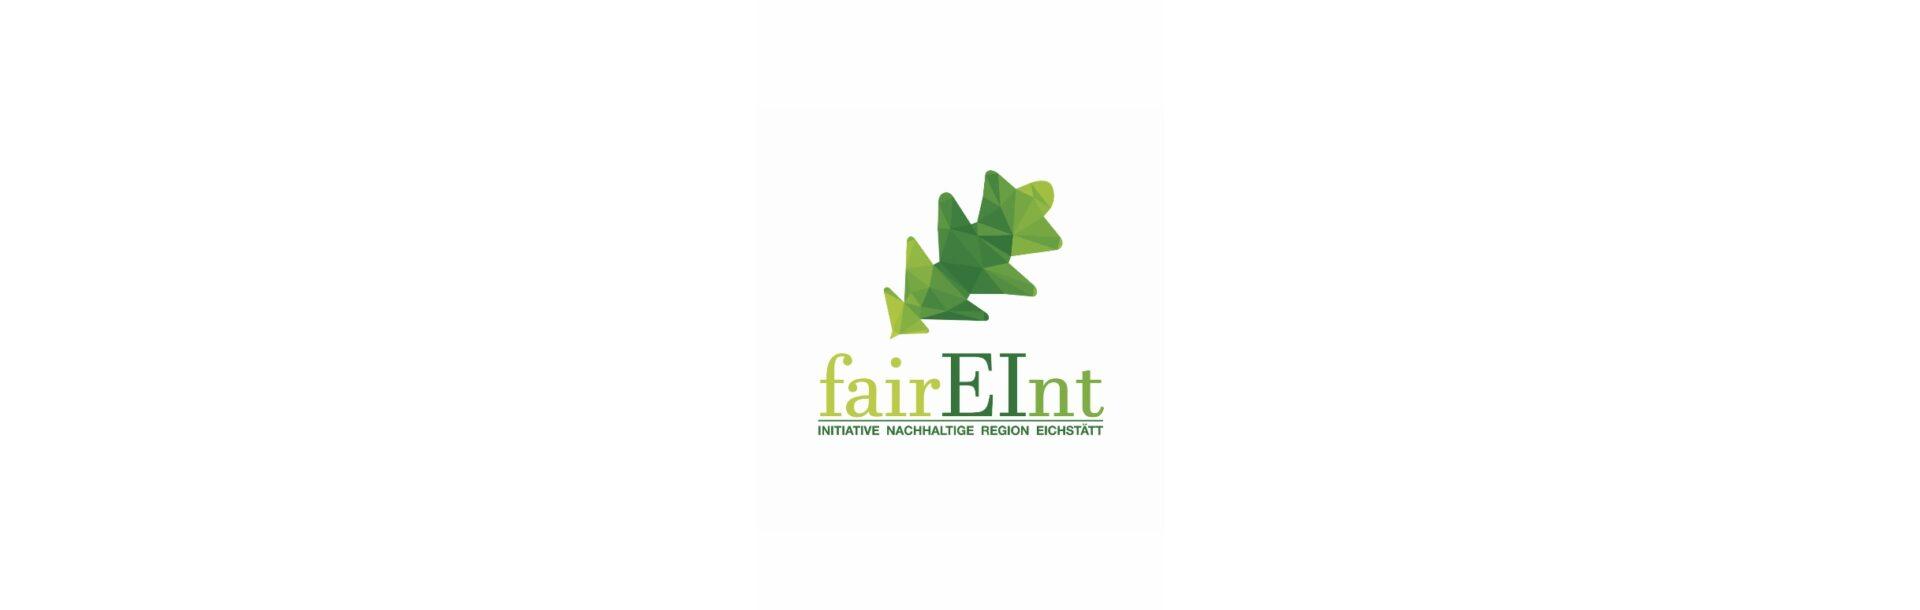 fairEInt